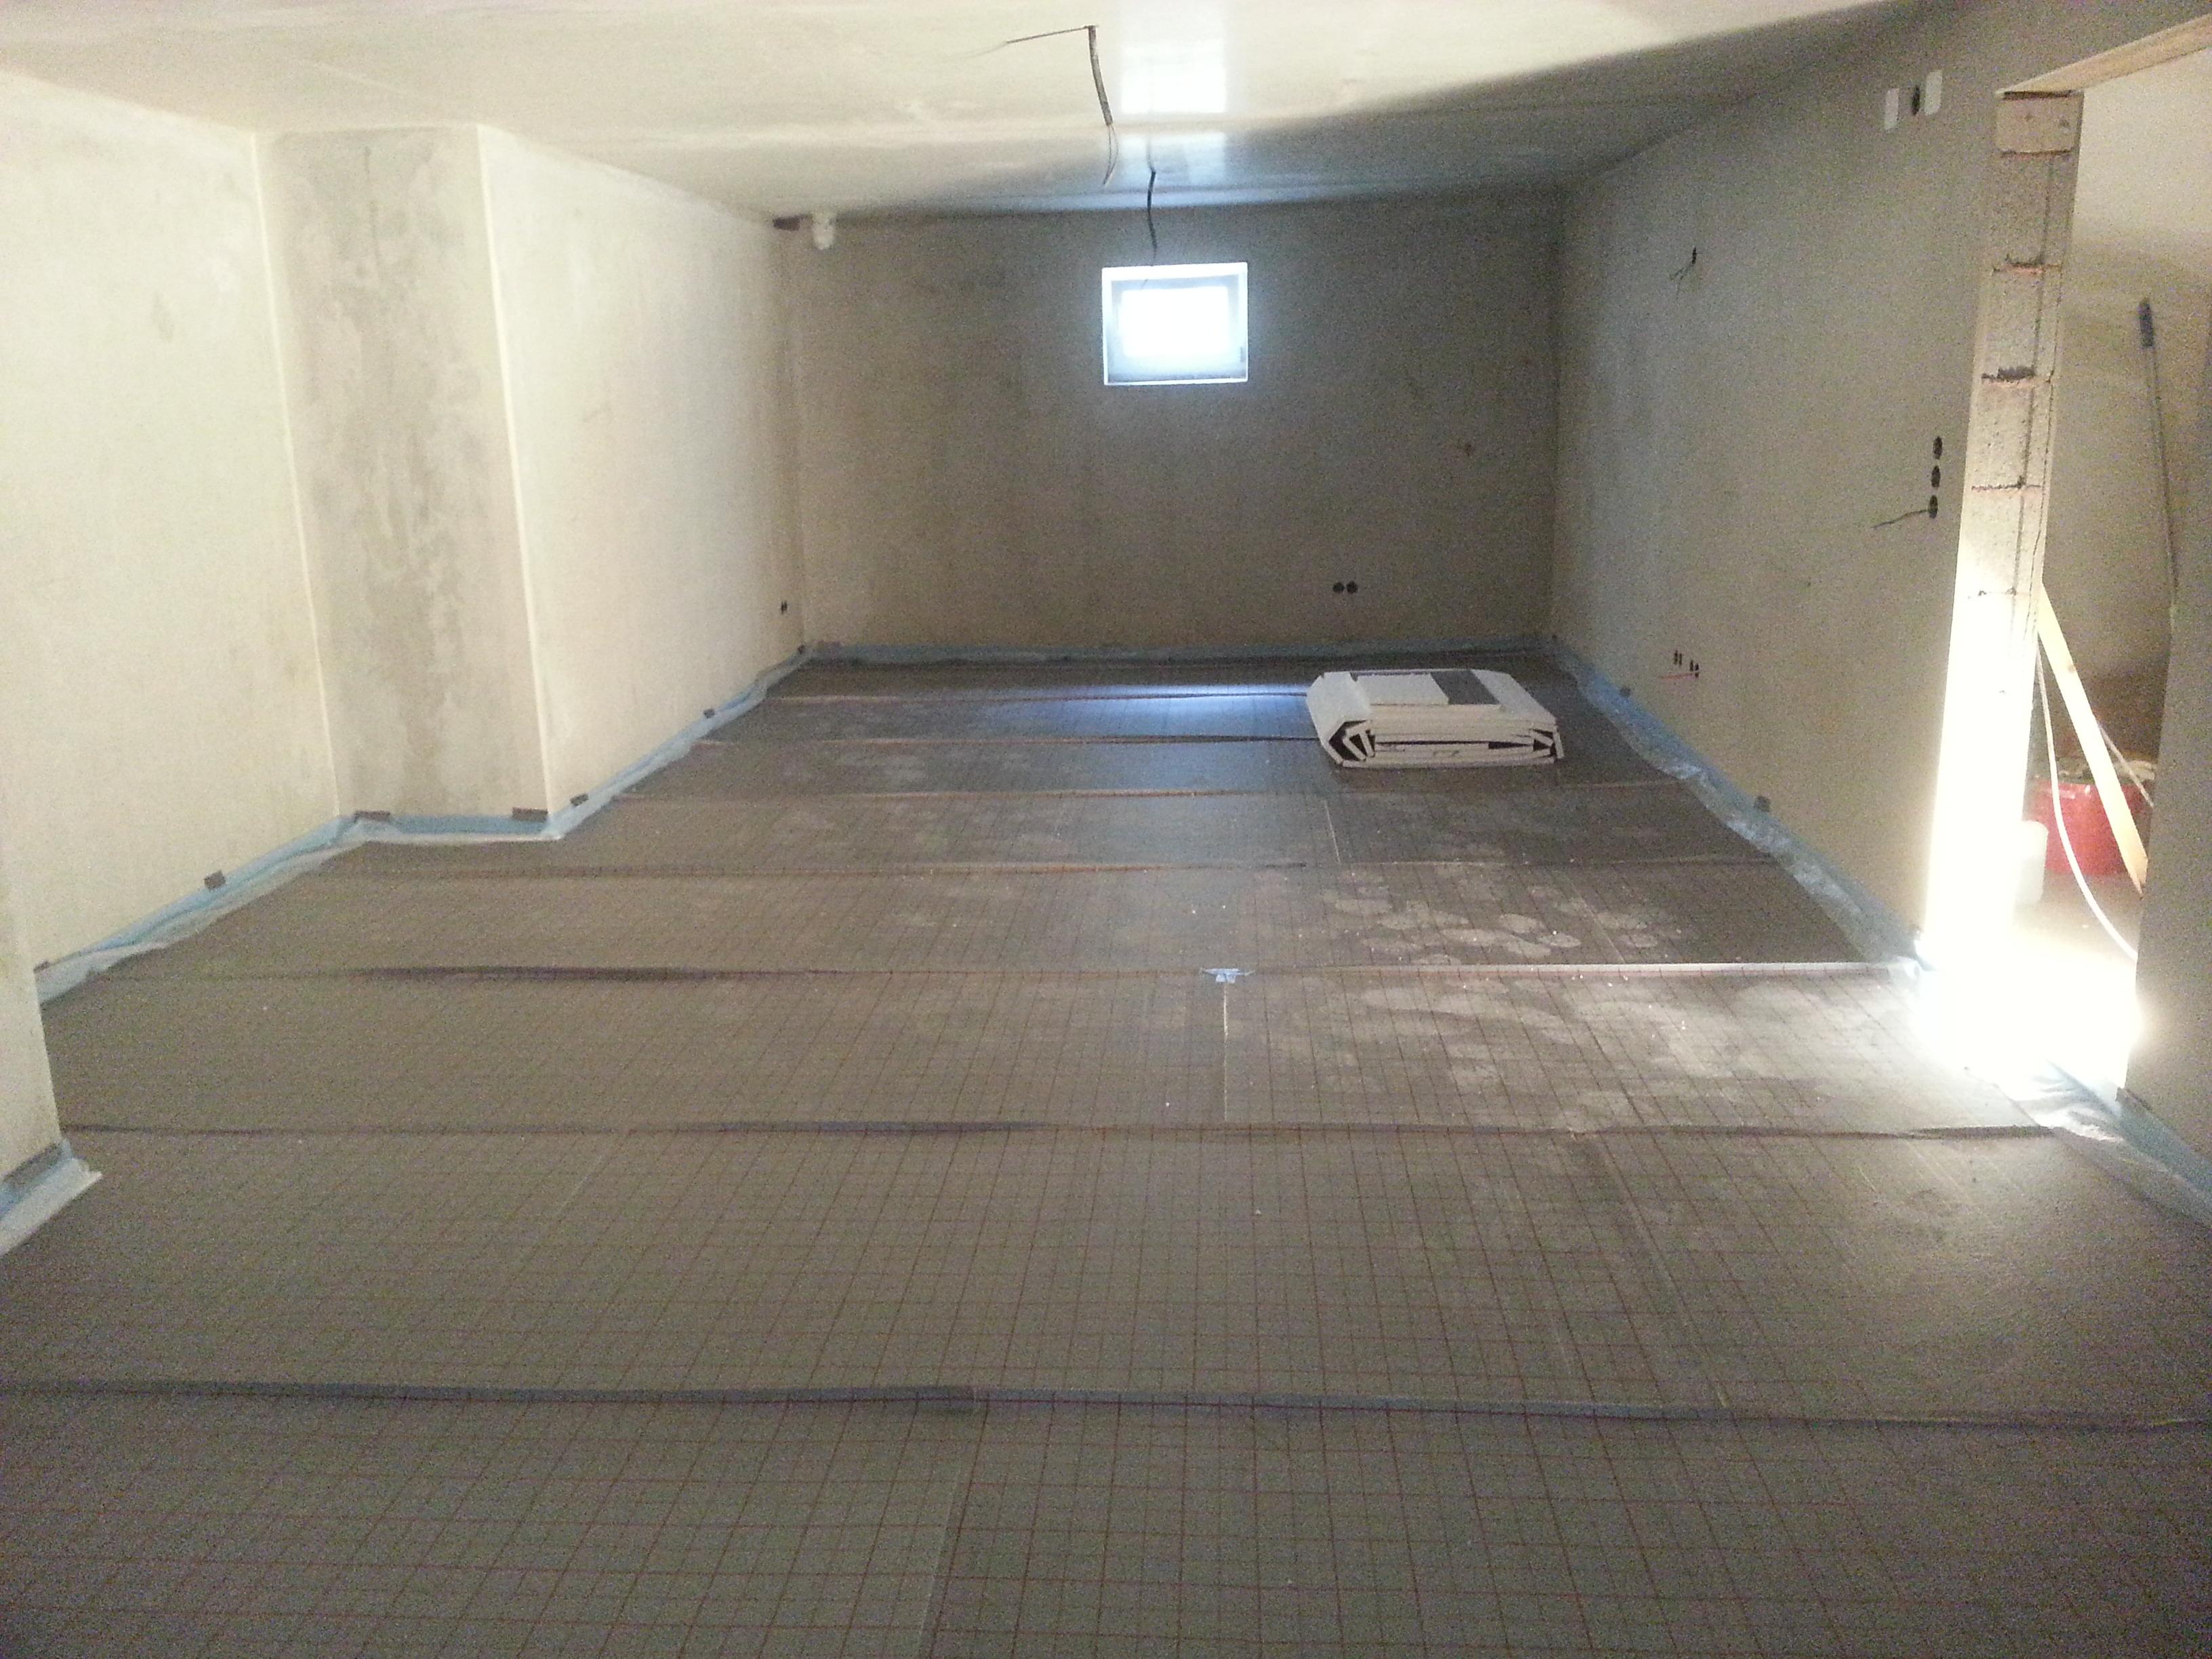 rolljet im hobbyraum verlegt unser hausbau festgehalten im blog. Black Bedroom Furniture Sets. Home Design Ideas